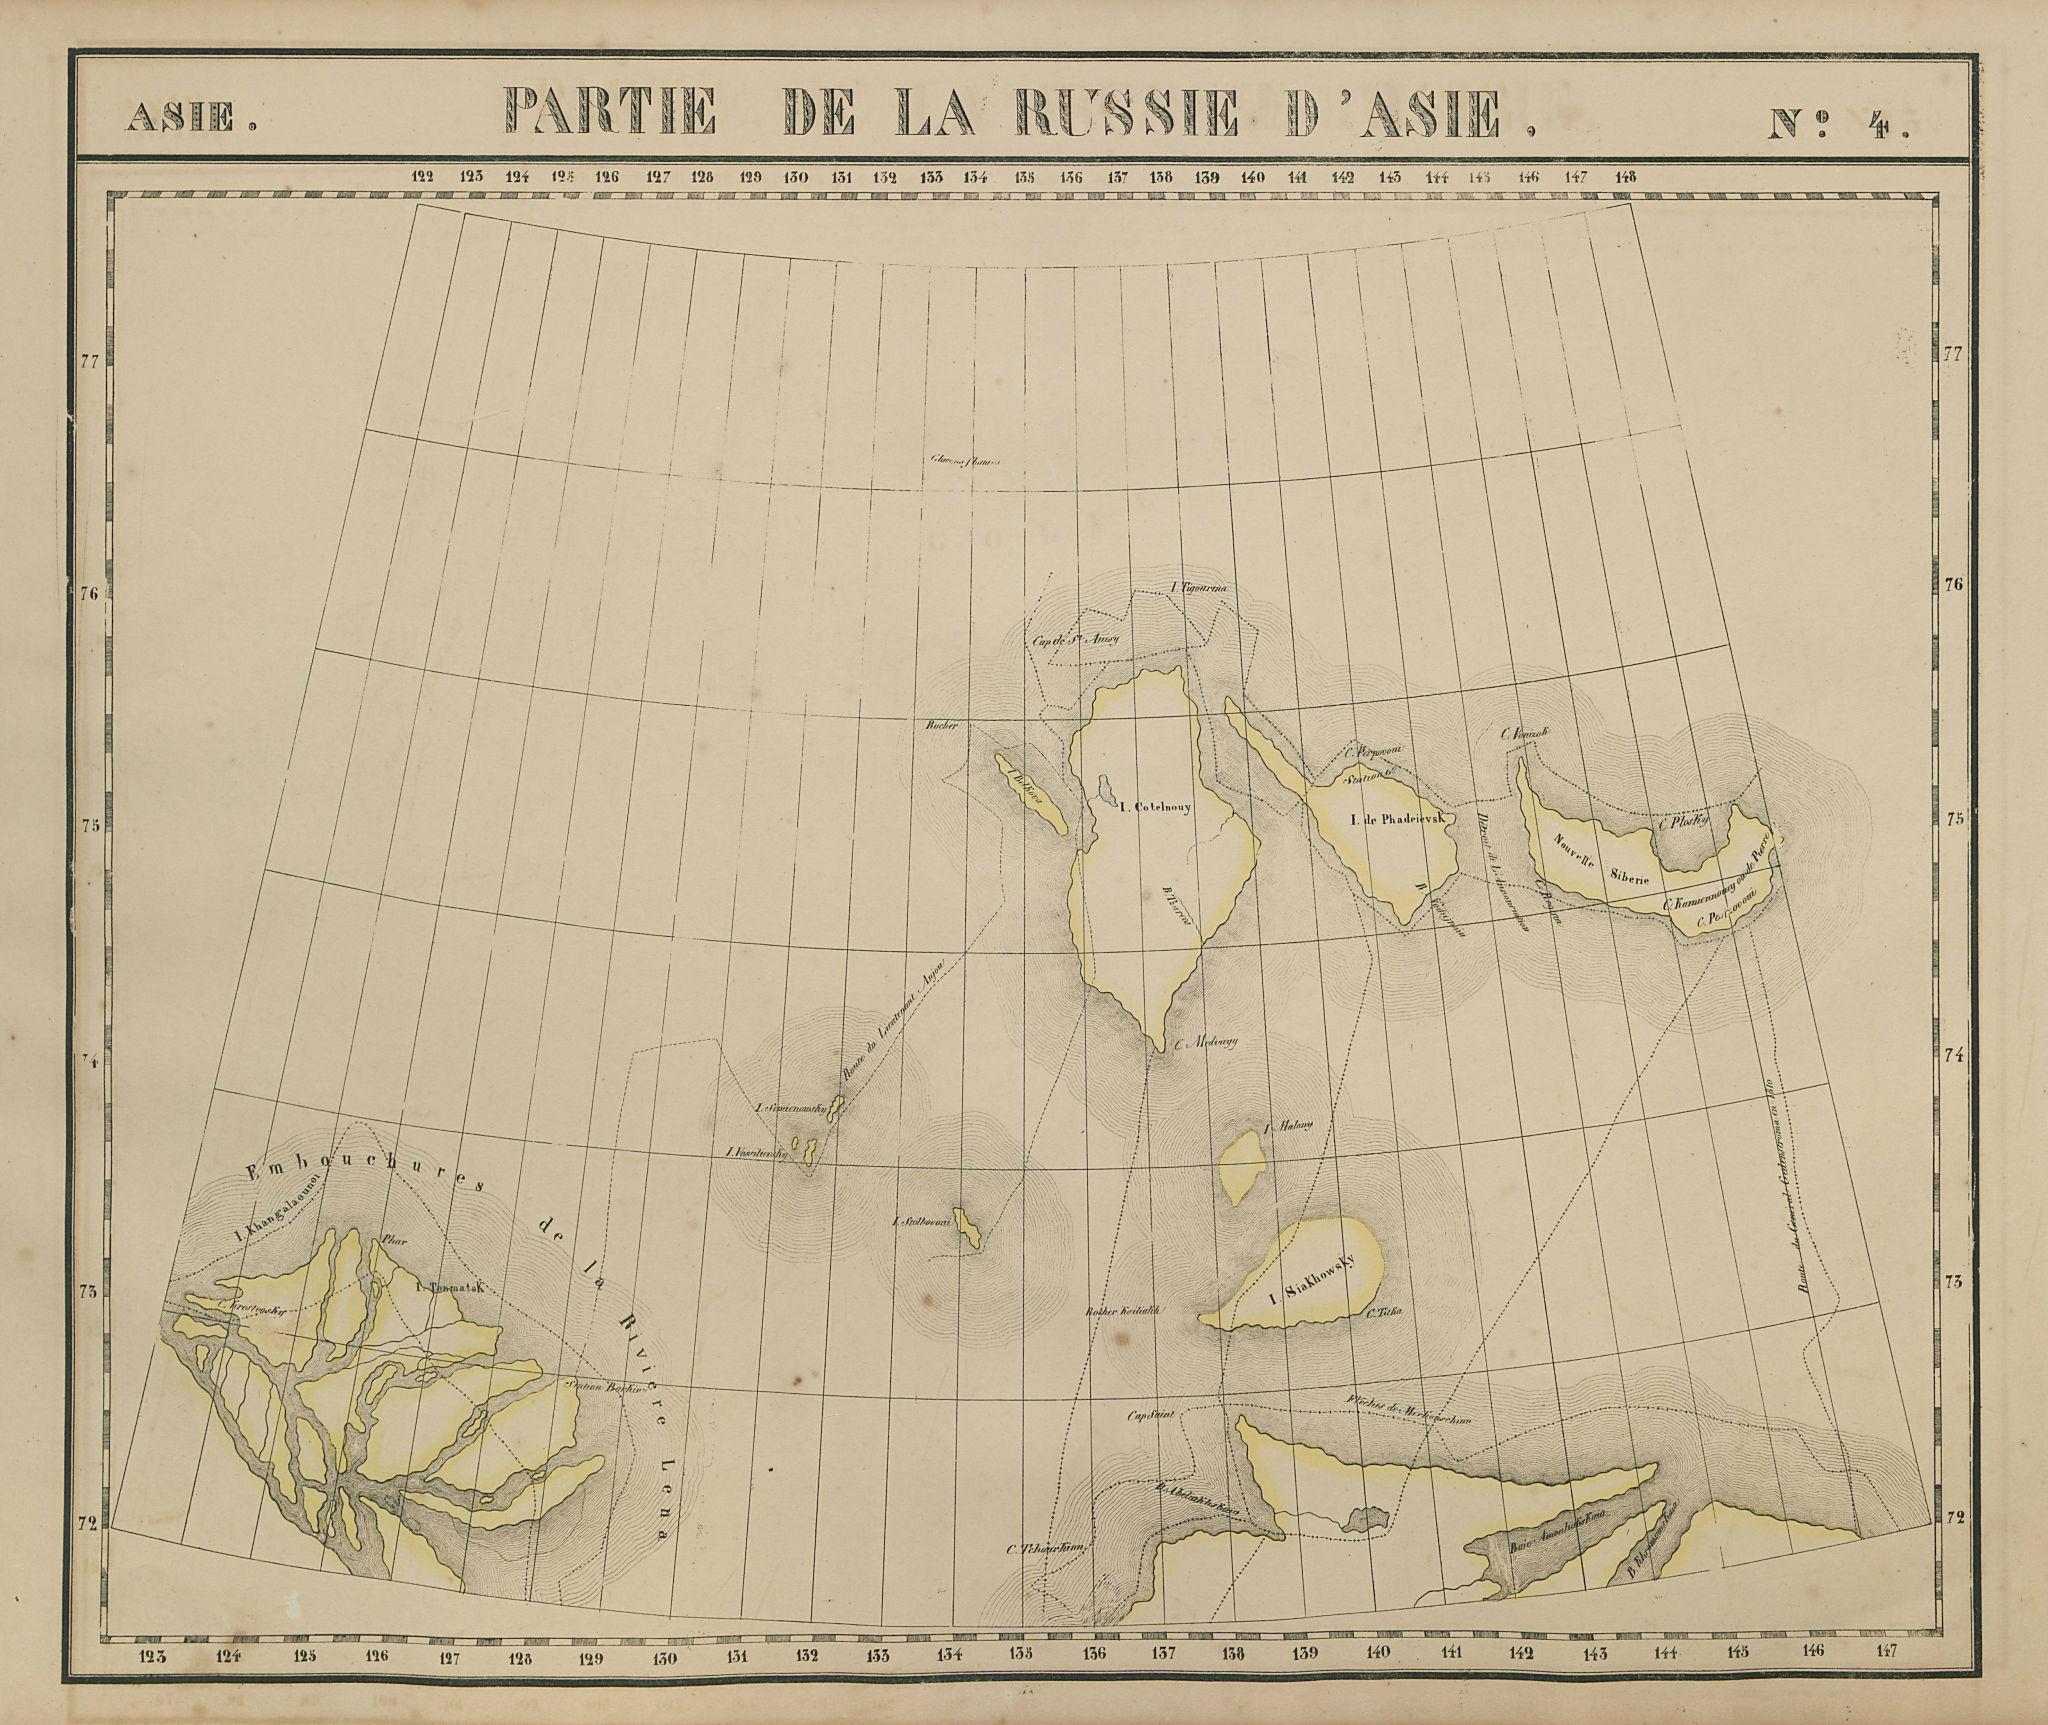 Russie d'Asie #4 Russia. Lena delta & New Siberian Islands VANDERMAELEN 1827 map